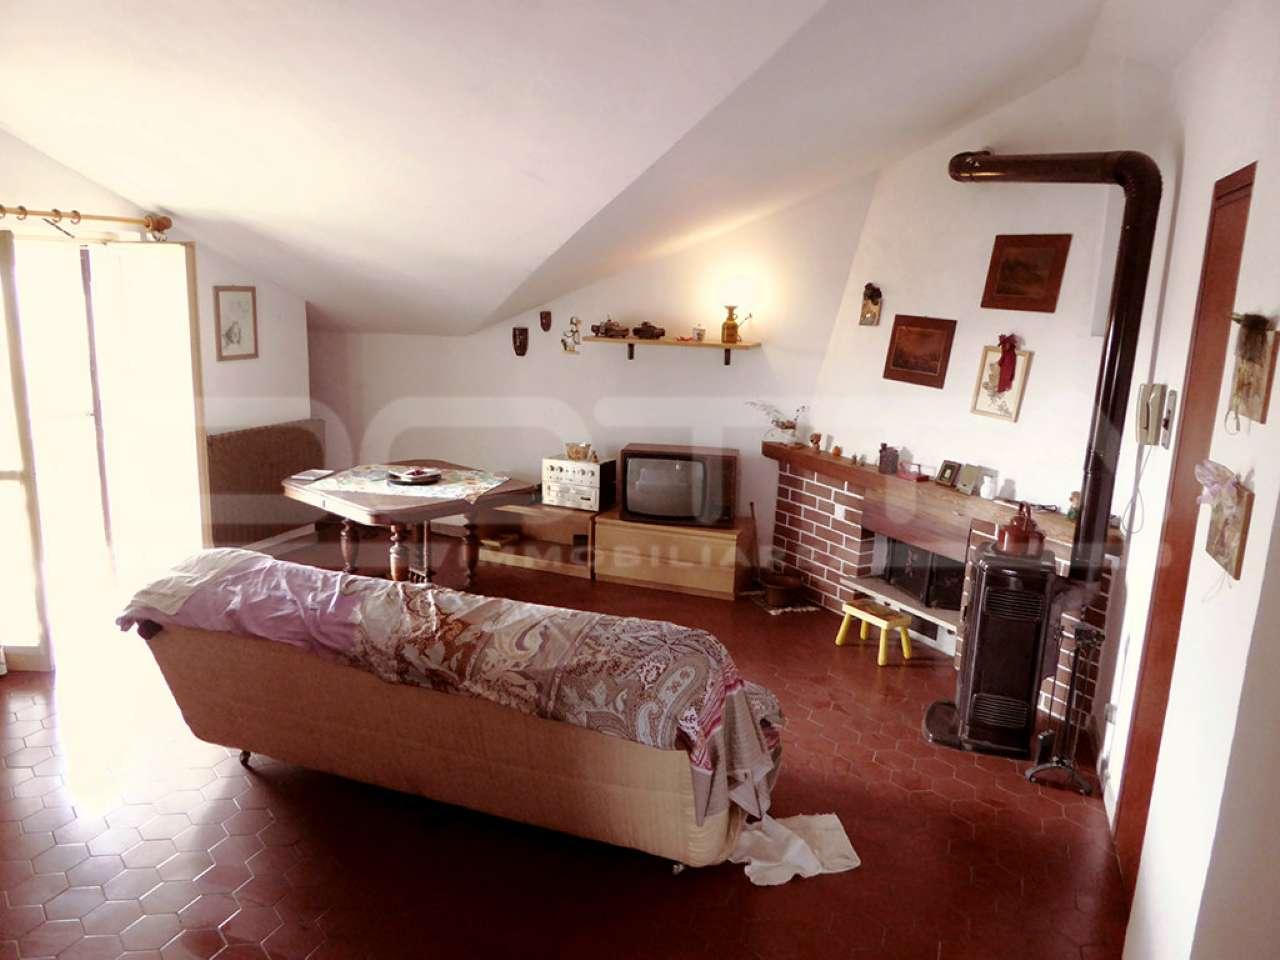 Appartamento in vendita a Murazzano, 3 locali, prezzo € 28.000   CambioCasa.it